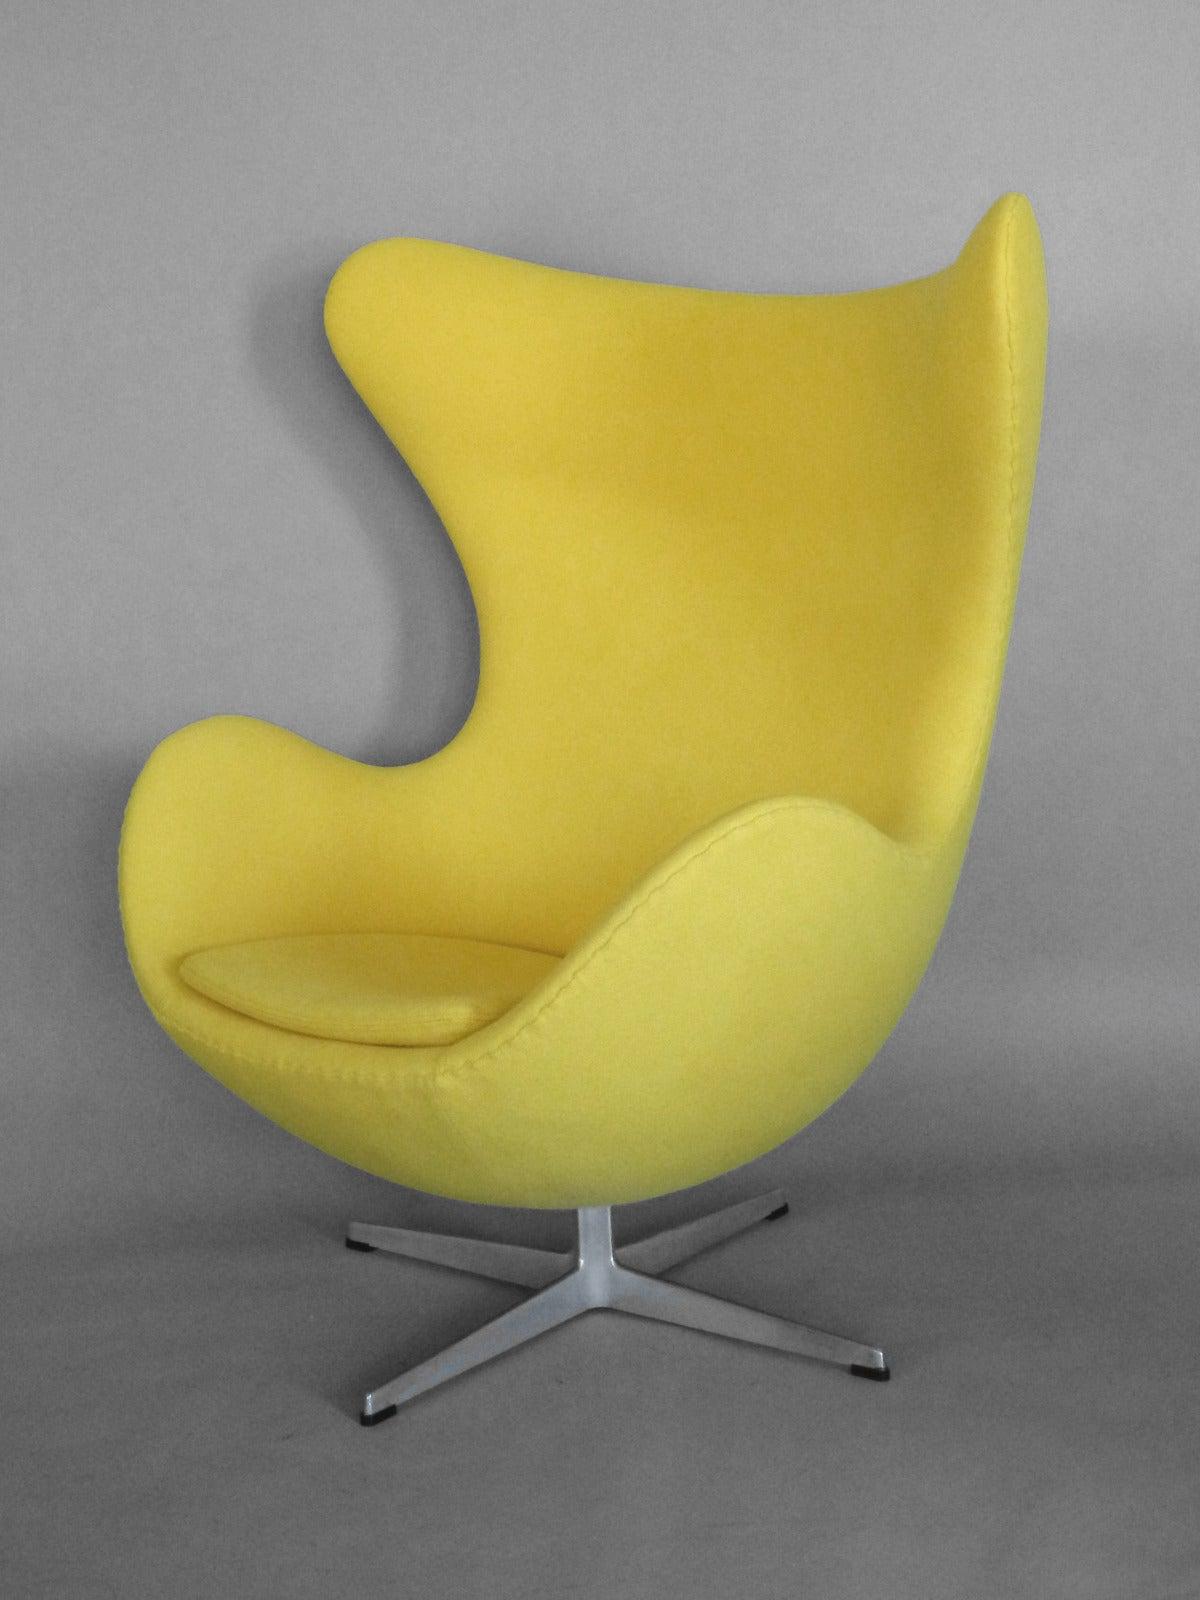 Properly restored Arne Jacobsen egg chairfor Fritz Hansen.